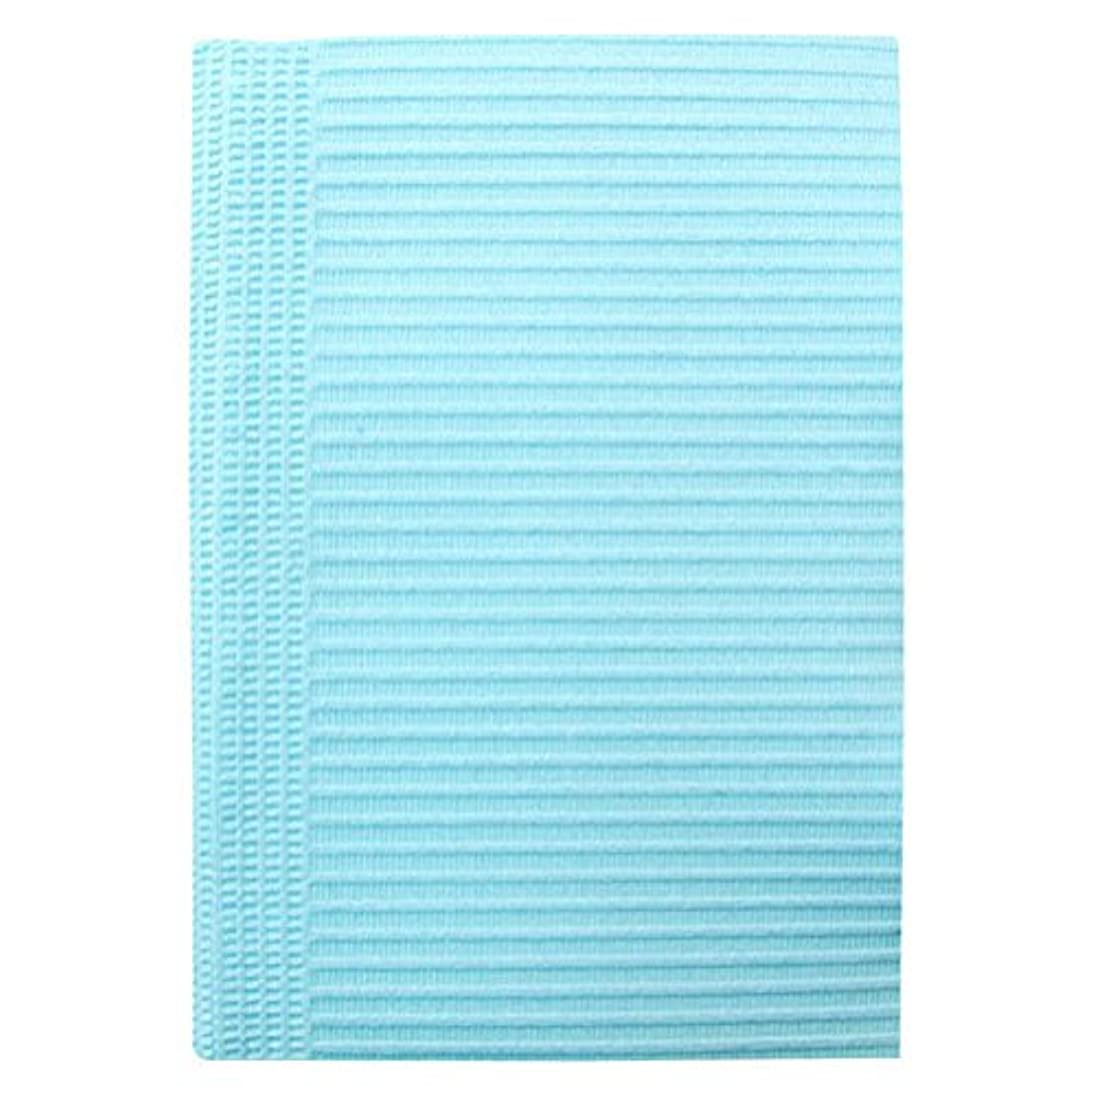 代わりに引き出すたとえSunshineBabe サンシャインベビー ペーパーシート 50枚 ブルー